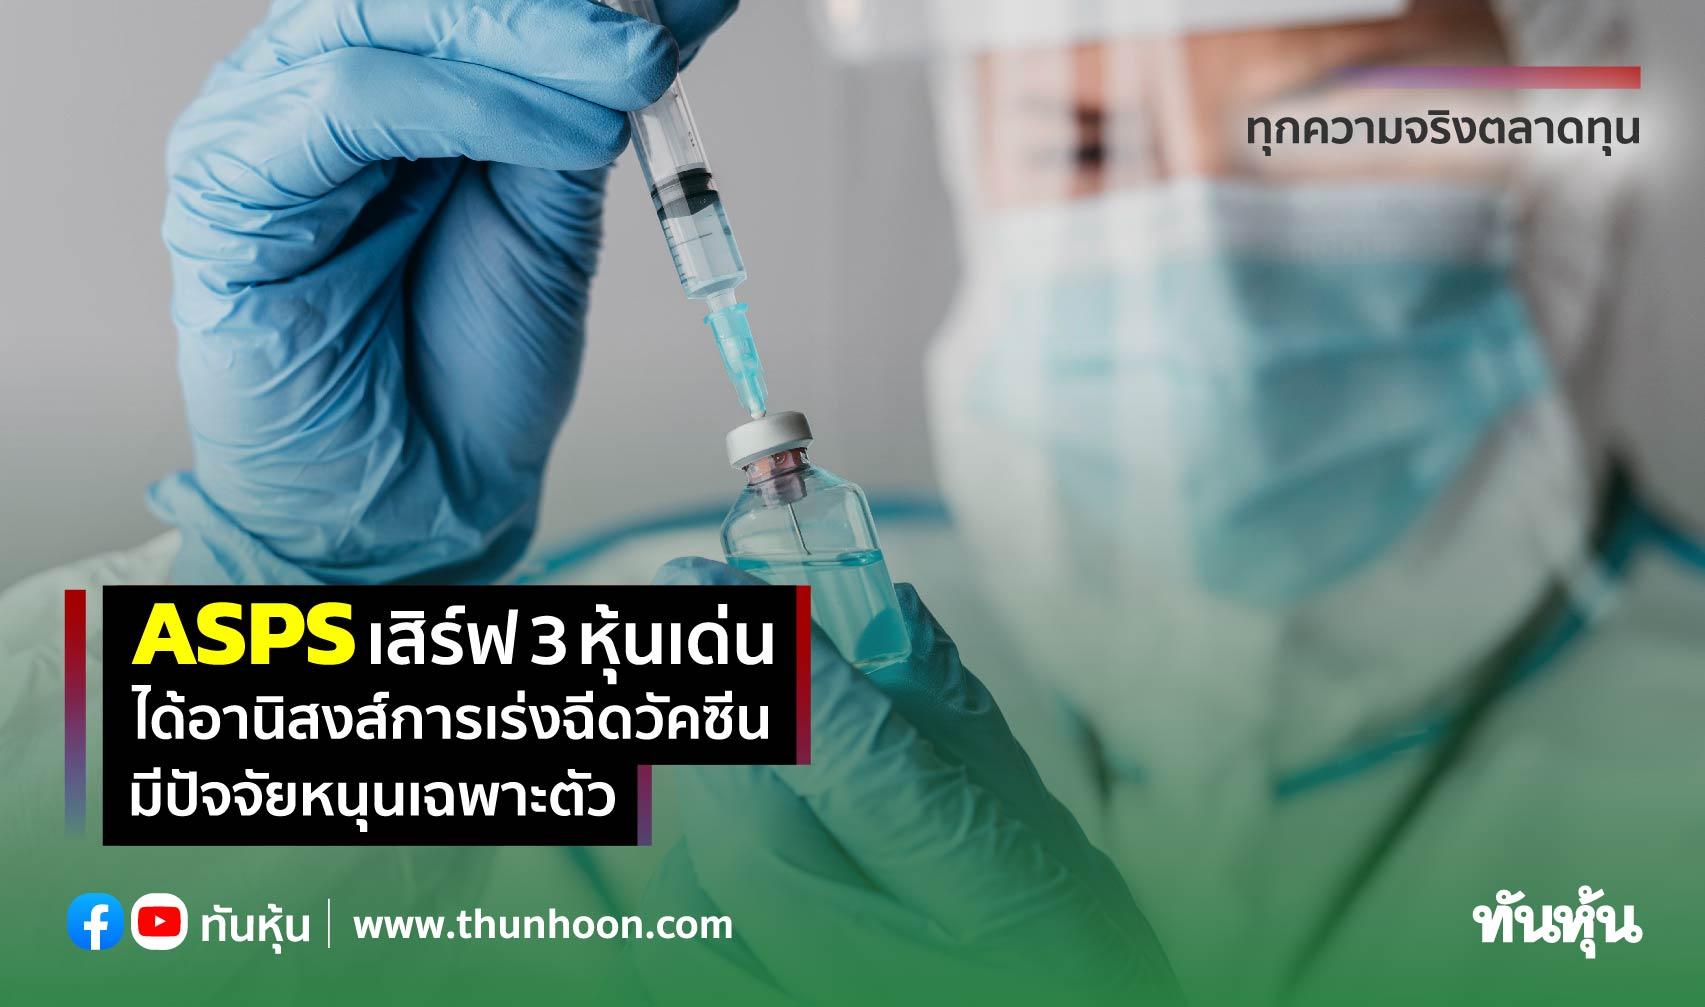 ASPS เสิร์ฟ 3 หุ้นเด่น ได้อานิสงส์การเร่งฉีดวัคซีน-มีปัจจัยหนุนเฉพาะตัว